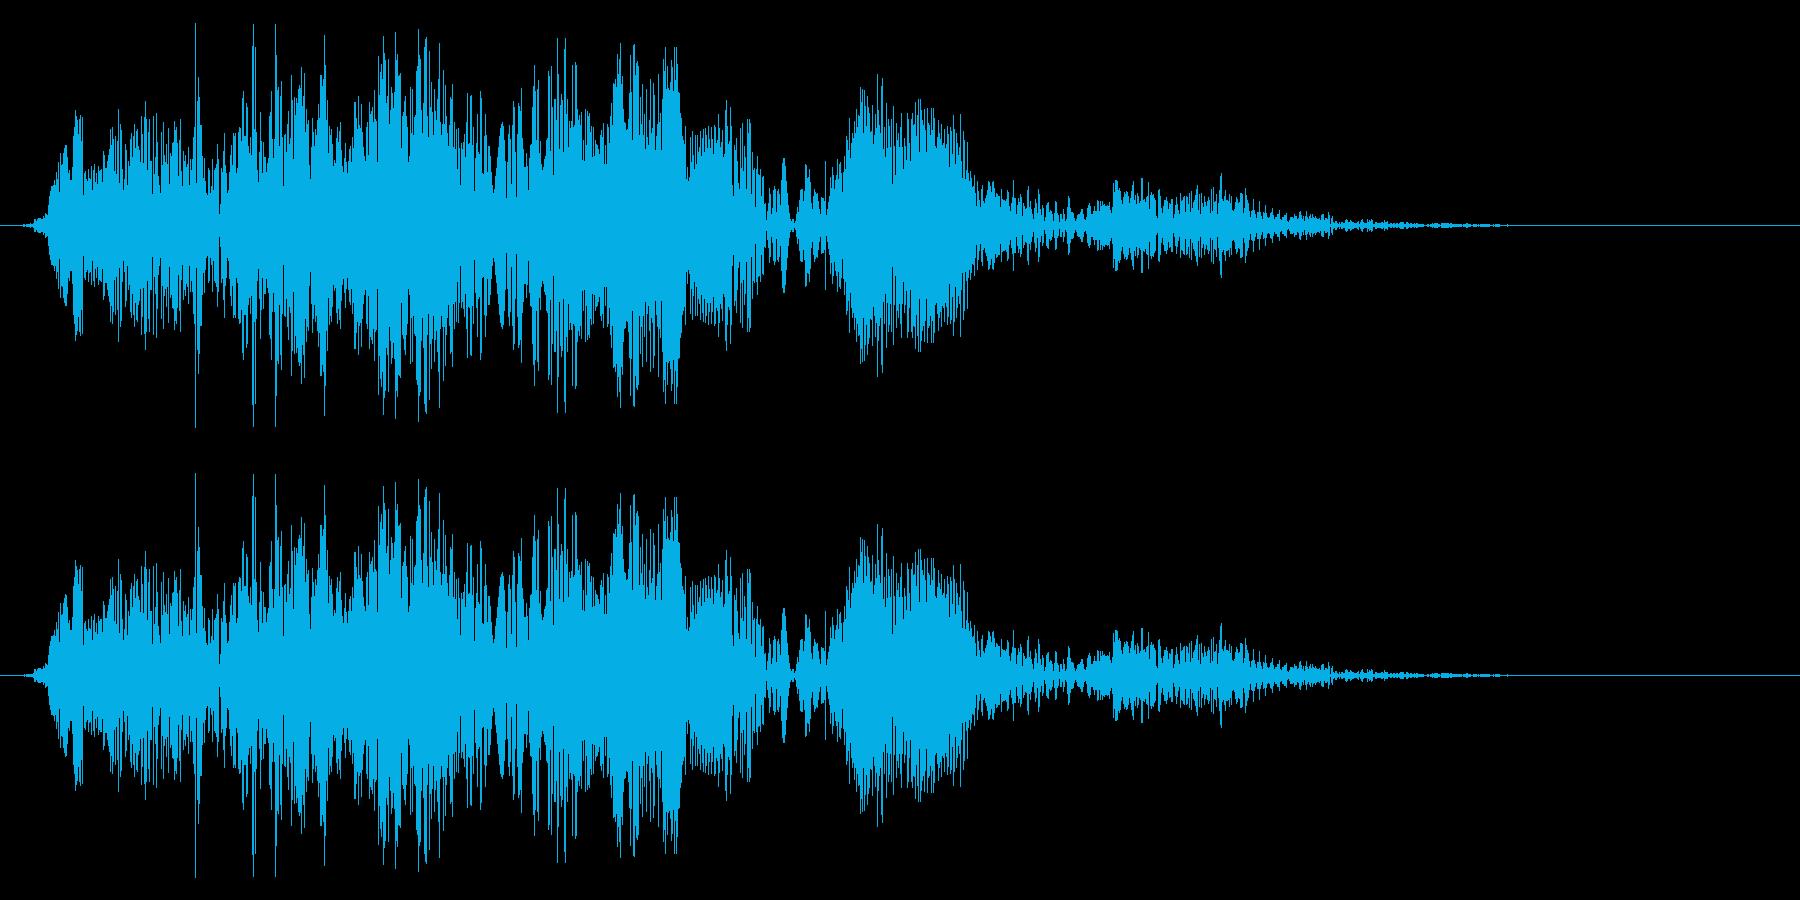 チュチュキュワッワ(鳴き声系)の再生済みの波形